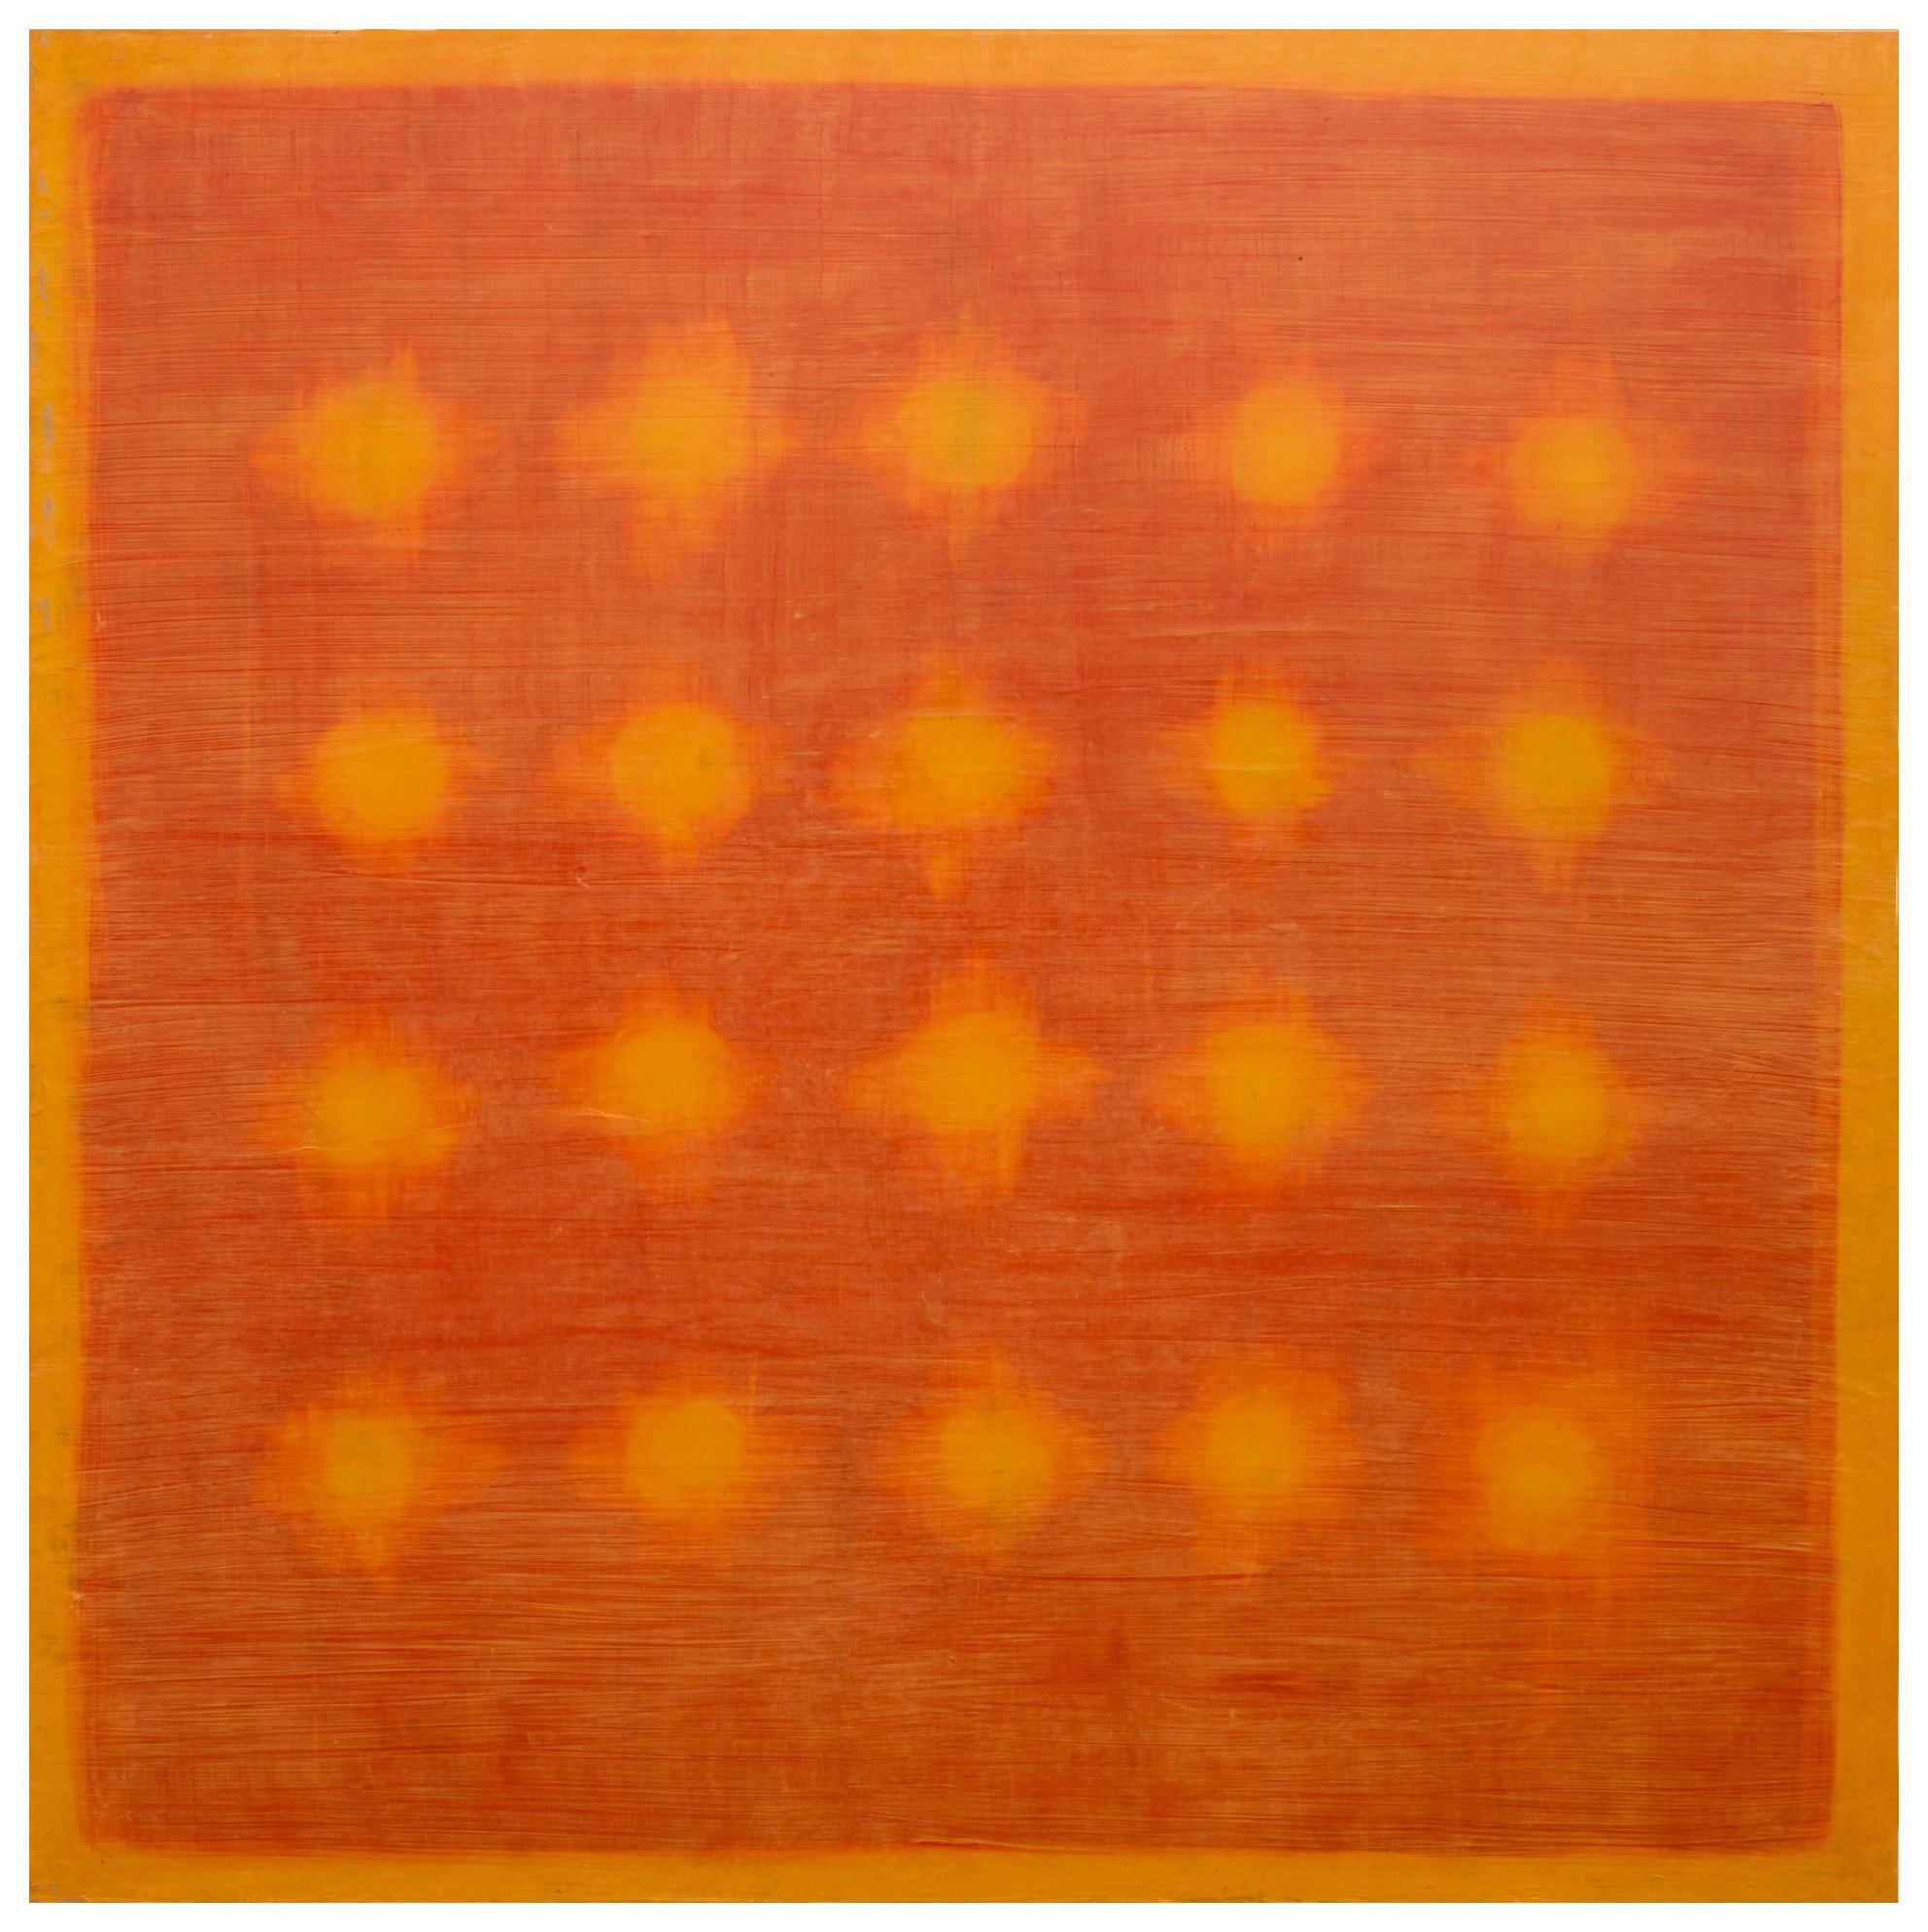 對永恆的冥想 Meditation on Eternity 04-20 2004 油彩、畫布 200cm x 200cm